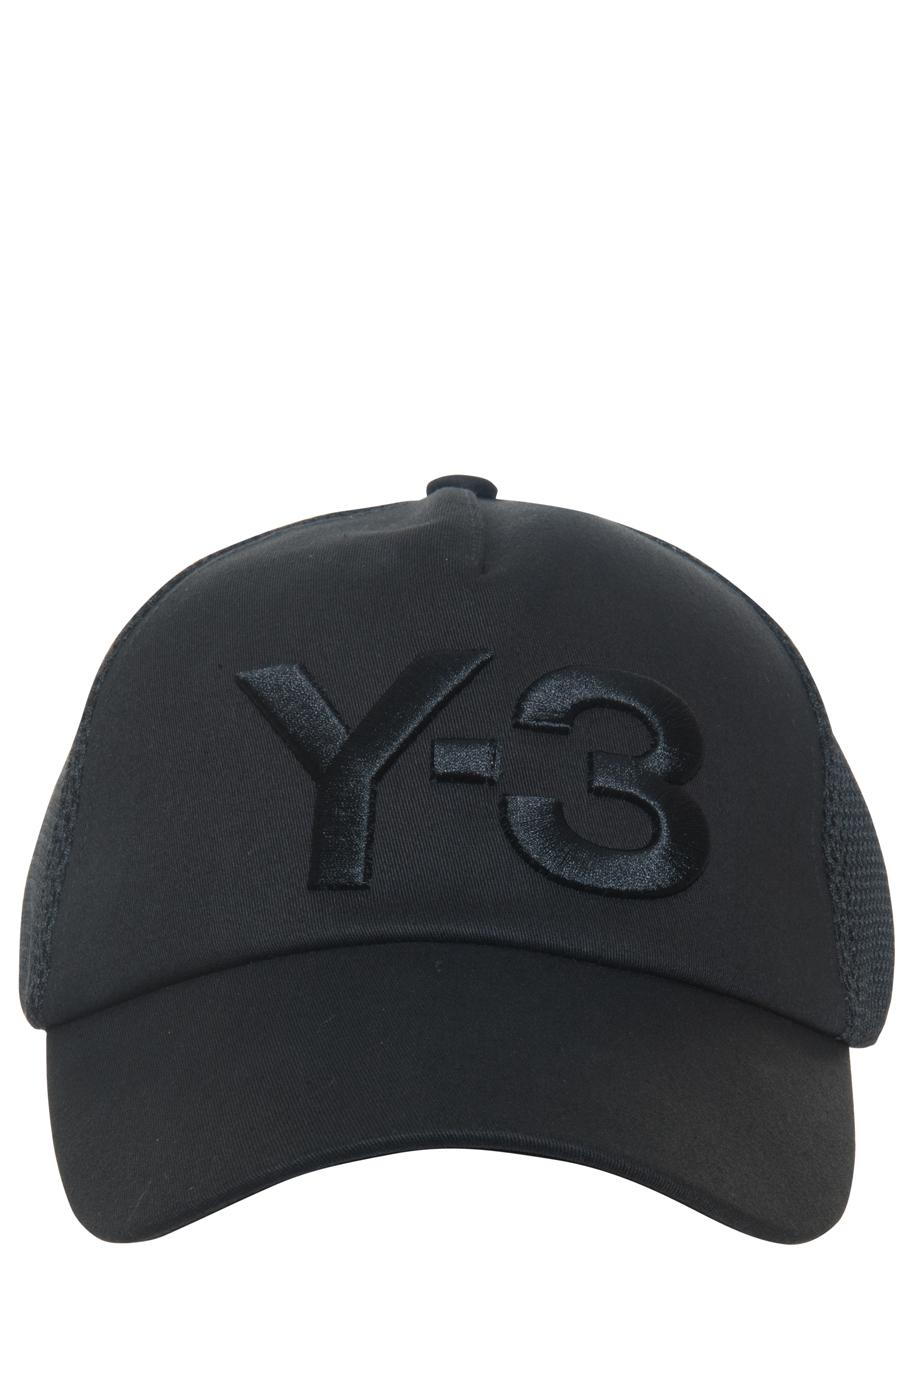 68de22c4cef Y 3 Cap. yohji yamamoto y 3 logo reflective cap. caps y 3 baseball ...